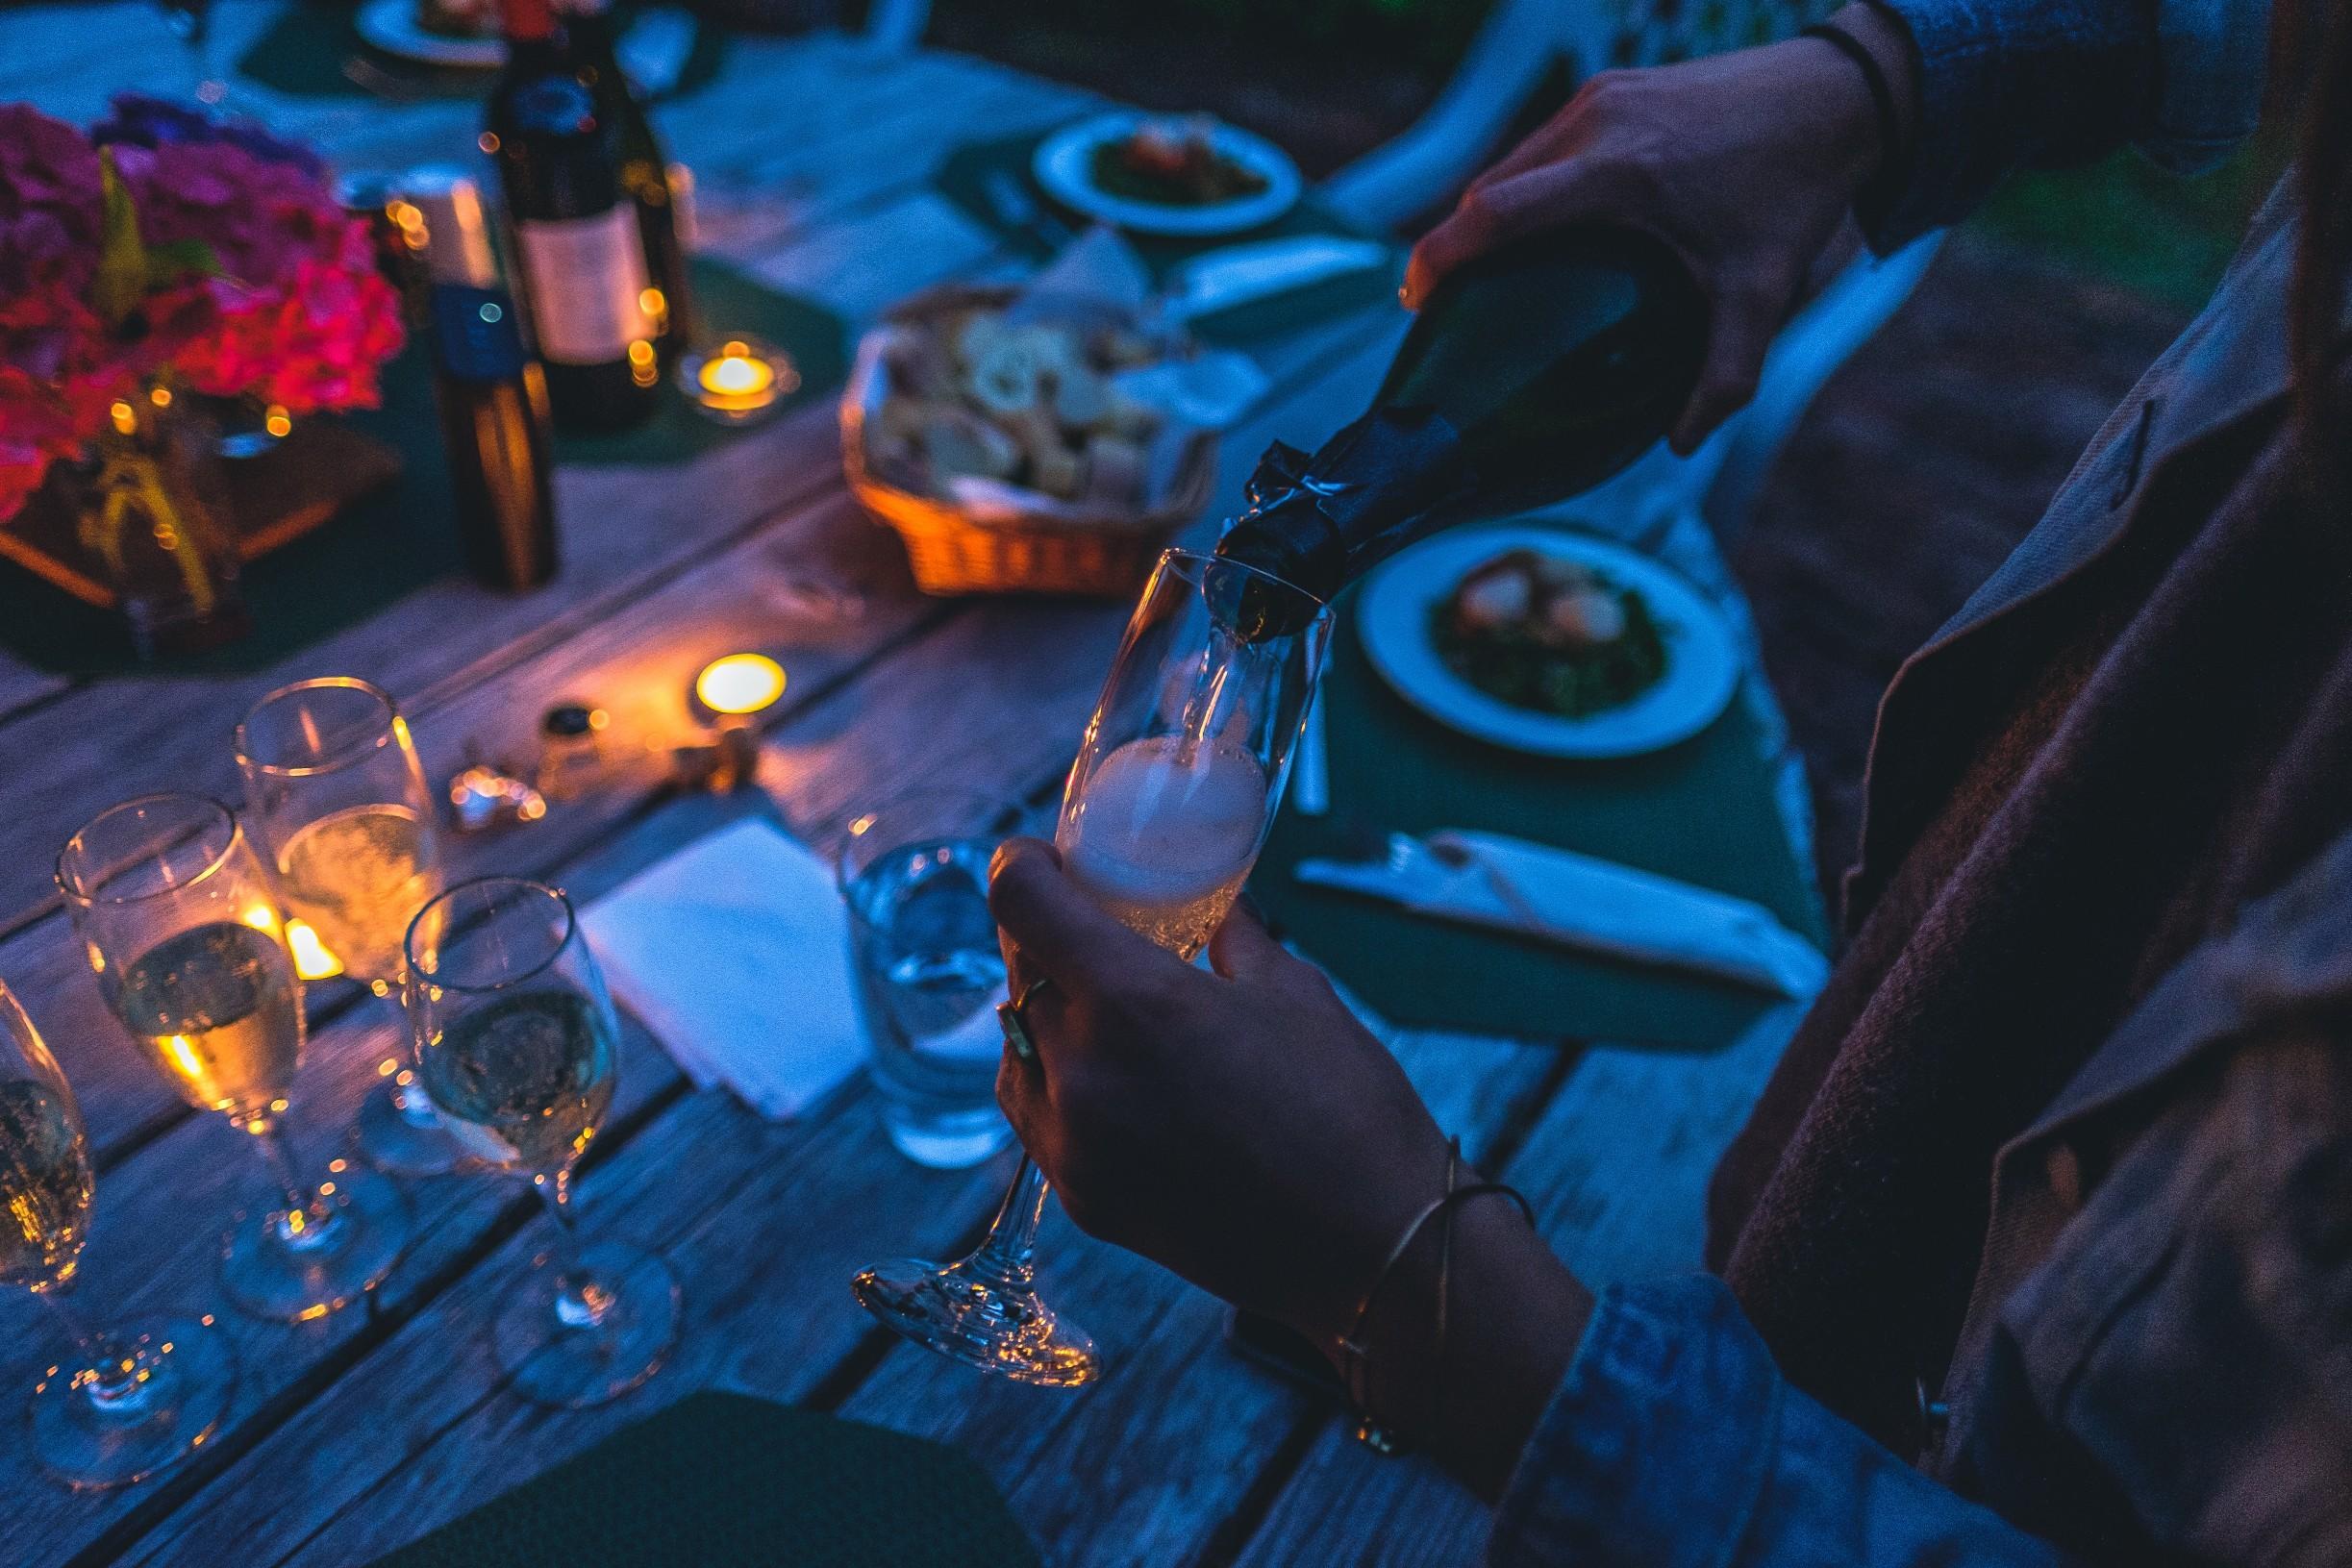 בר יין או מבשלת בירה? ואיפה אוכלים? הכל במקום אחד, בעיר אחת